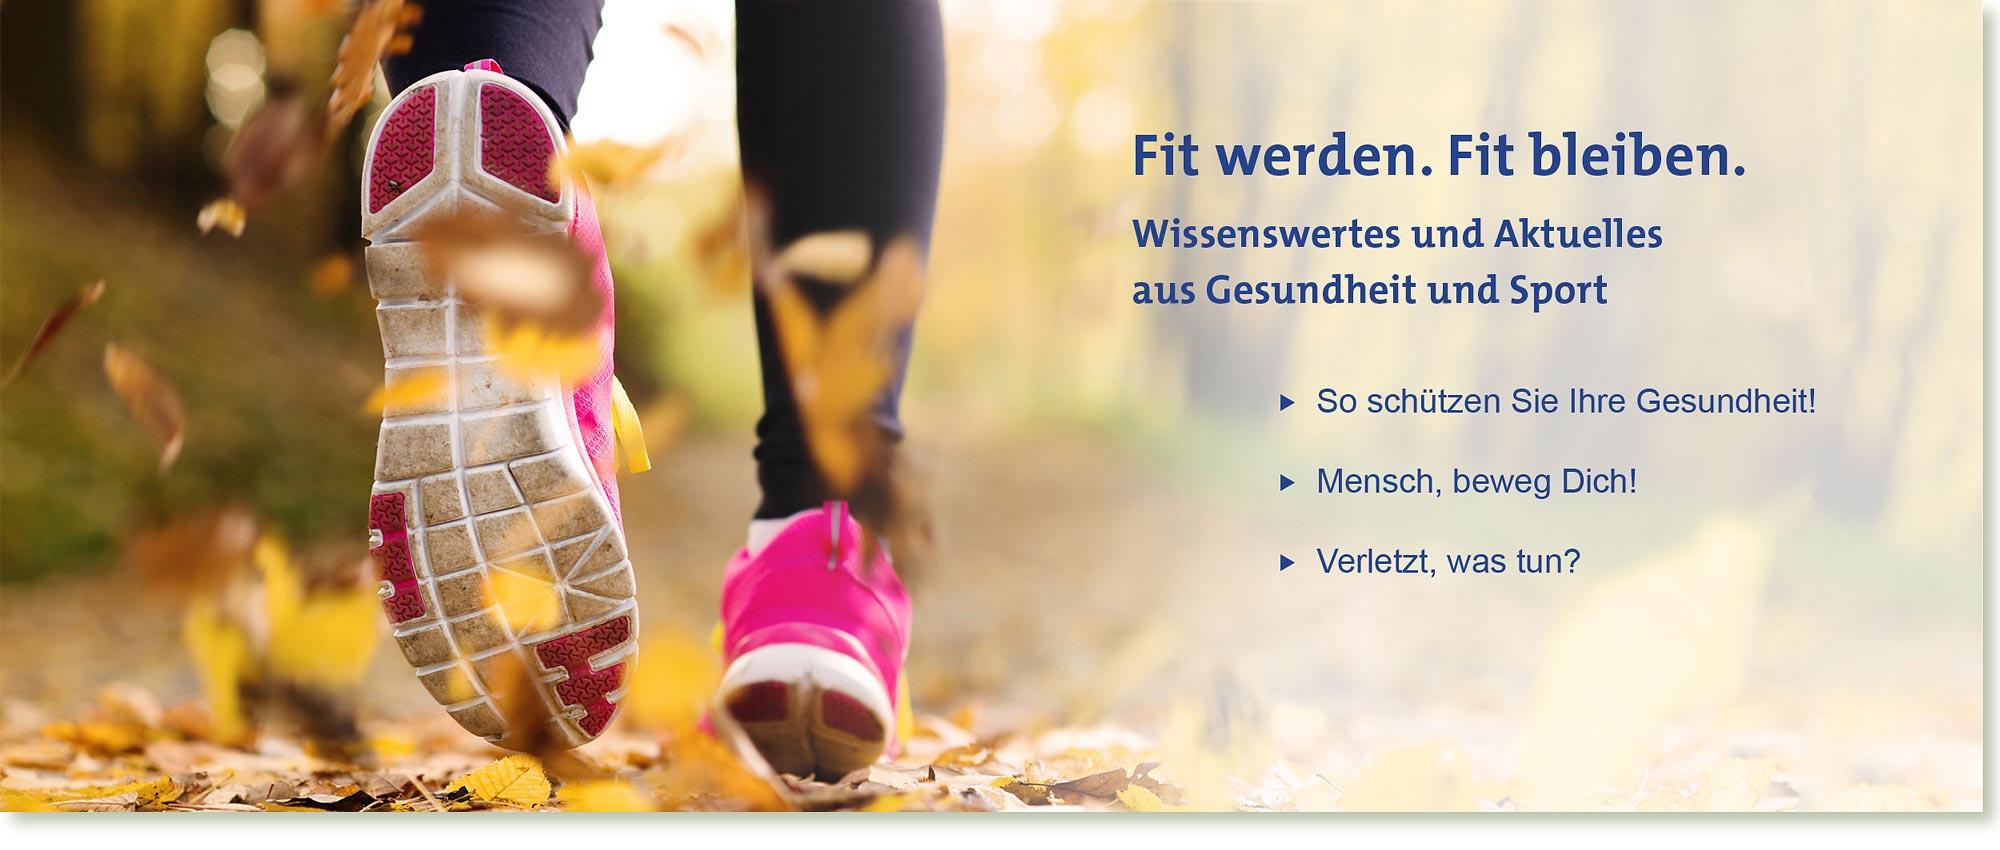 HeadImage | [formula] Müller-Wohlfahrt Gesundheit und Sport im Herbst